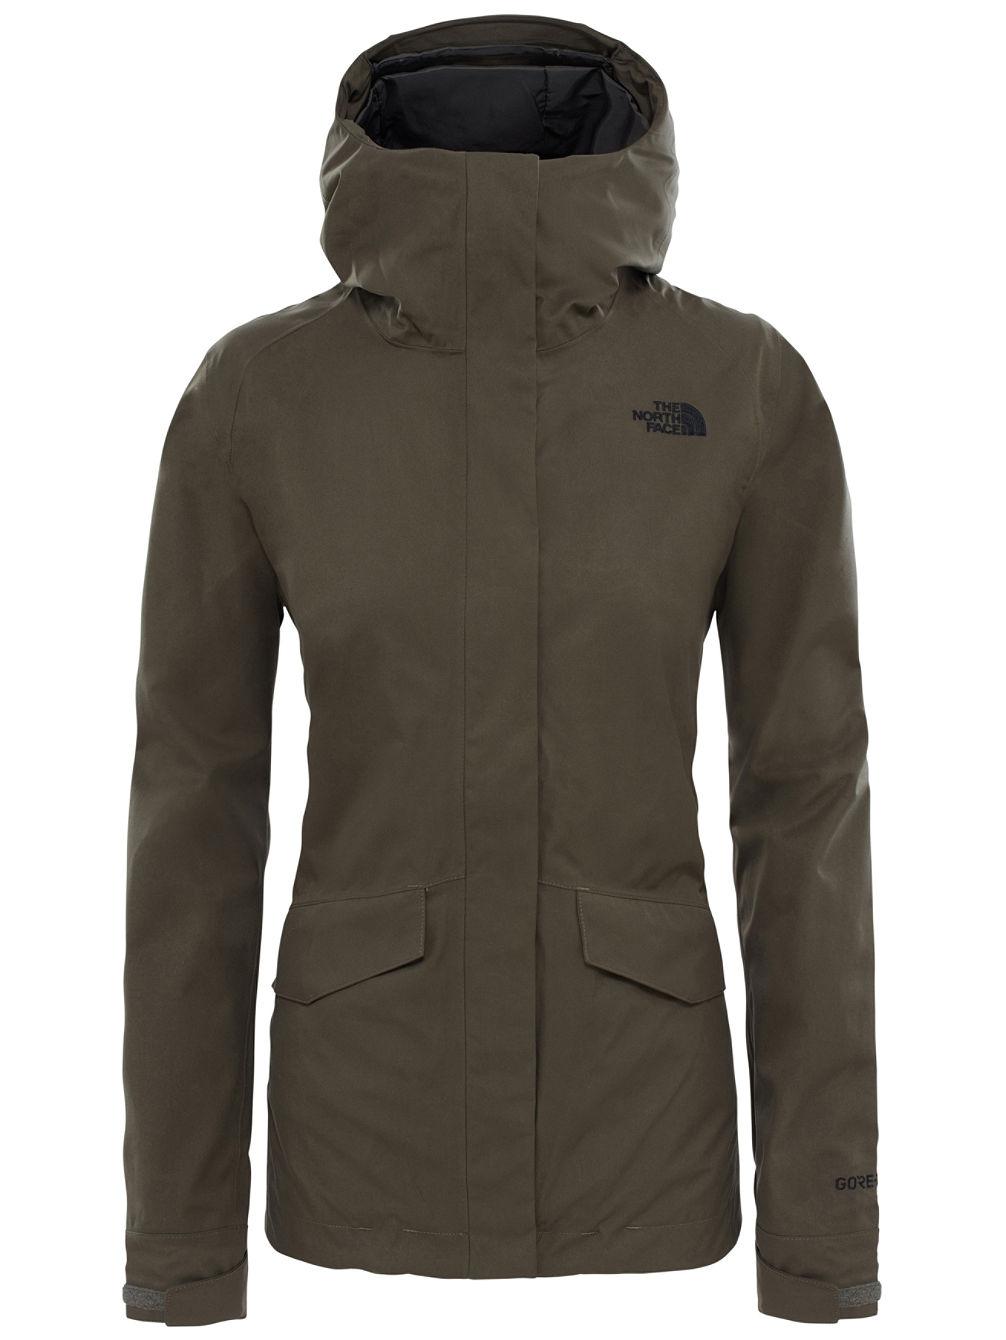 42bda47ae All Terrain Zip-In Outdoor Jacket